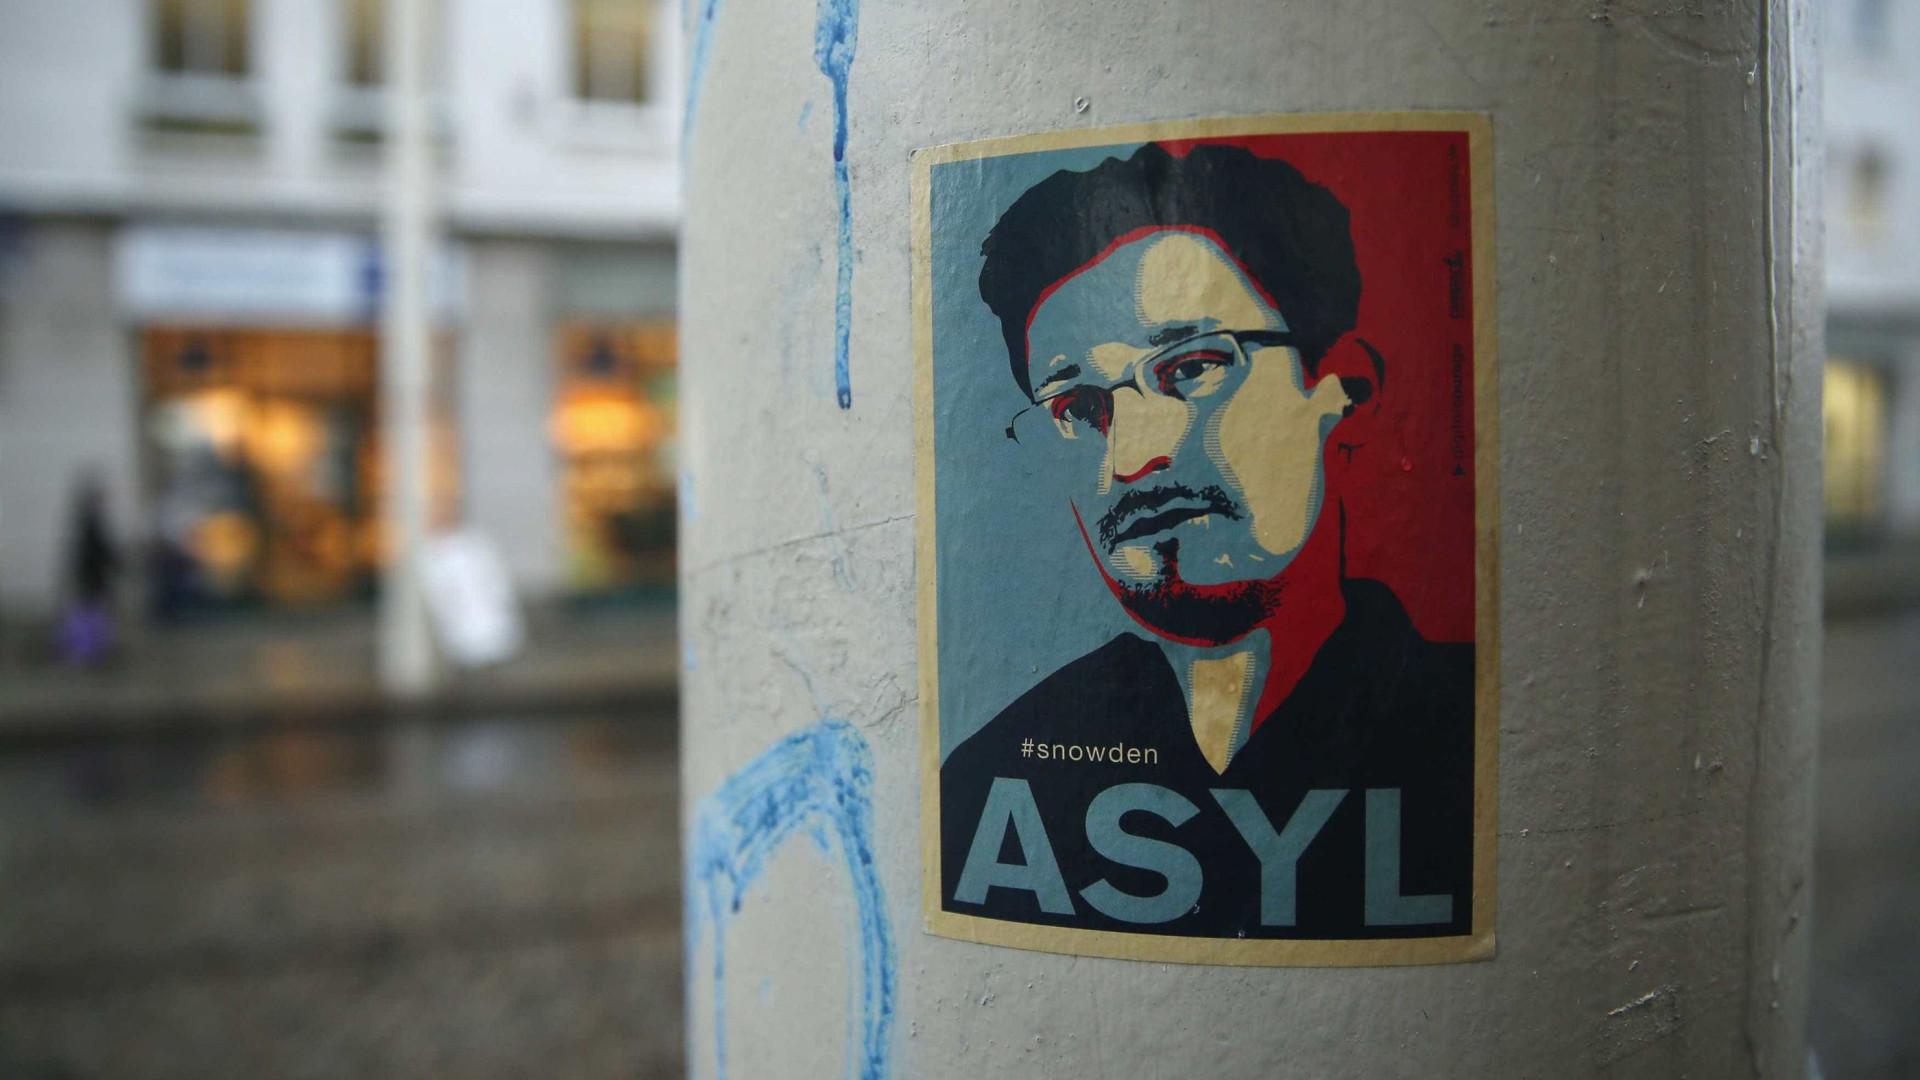 Reino Unido condenado por interceptar comunicação revelada por Snowden